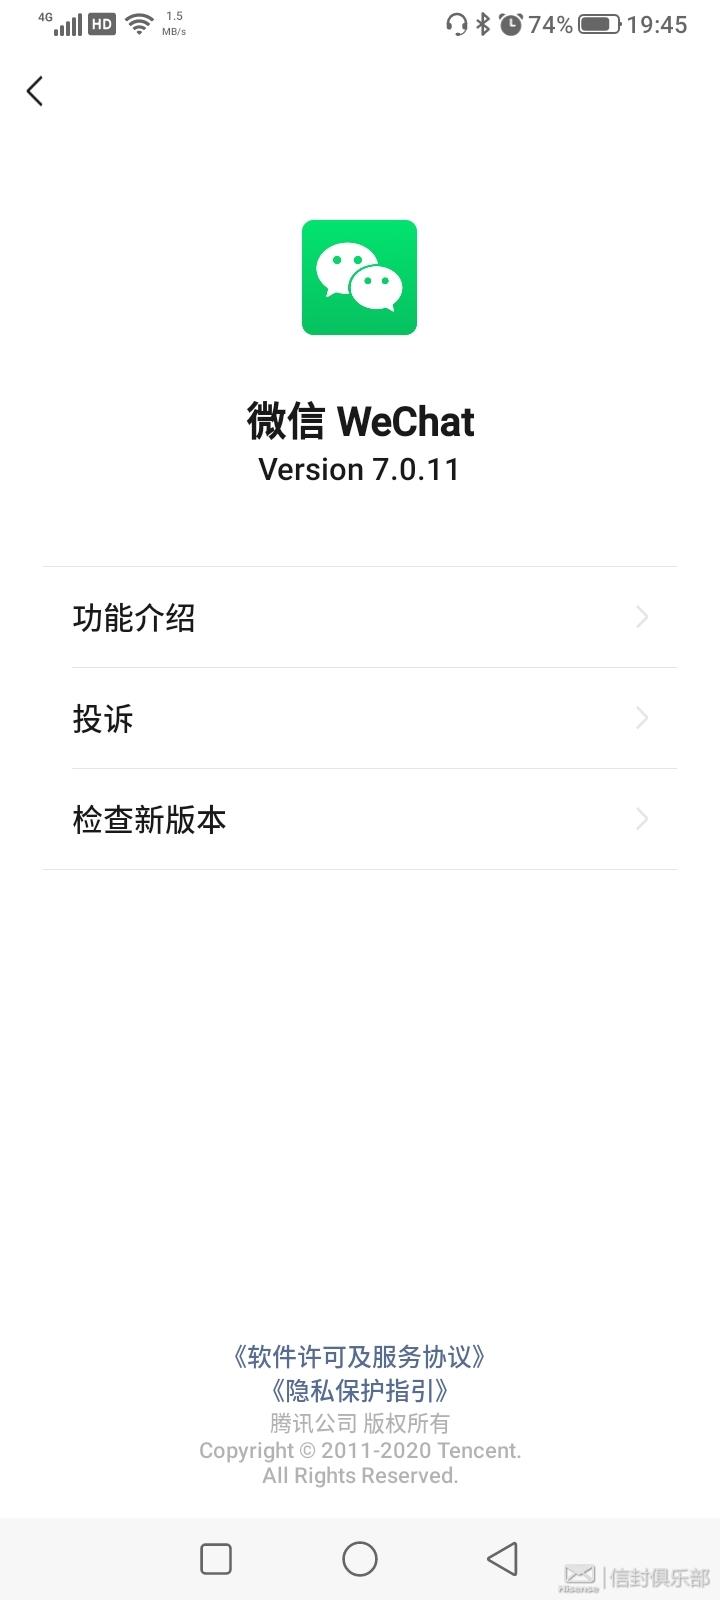 Screenshot_20210218_194514161_微信.jpg